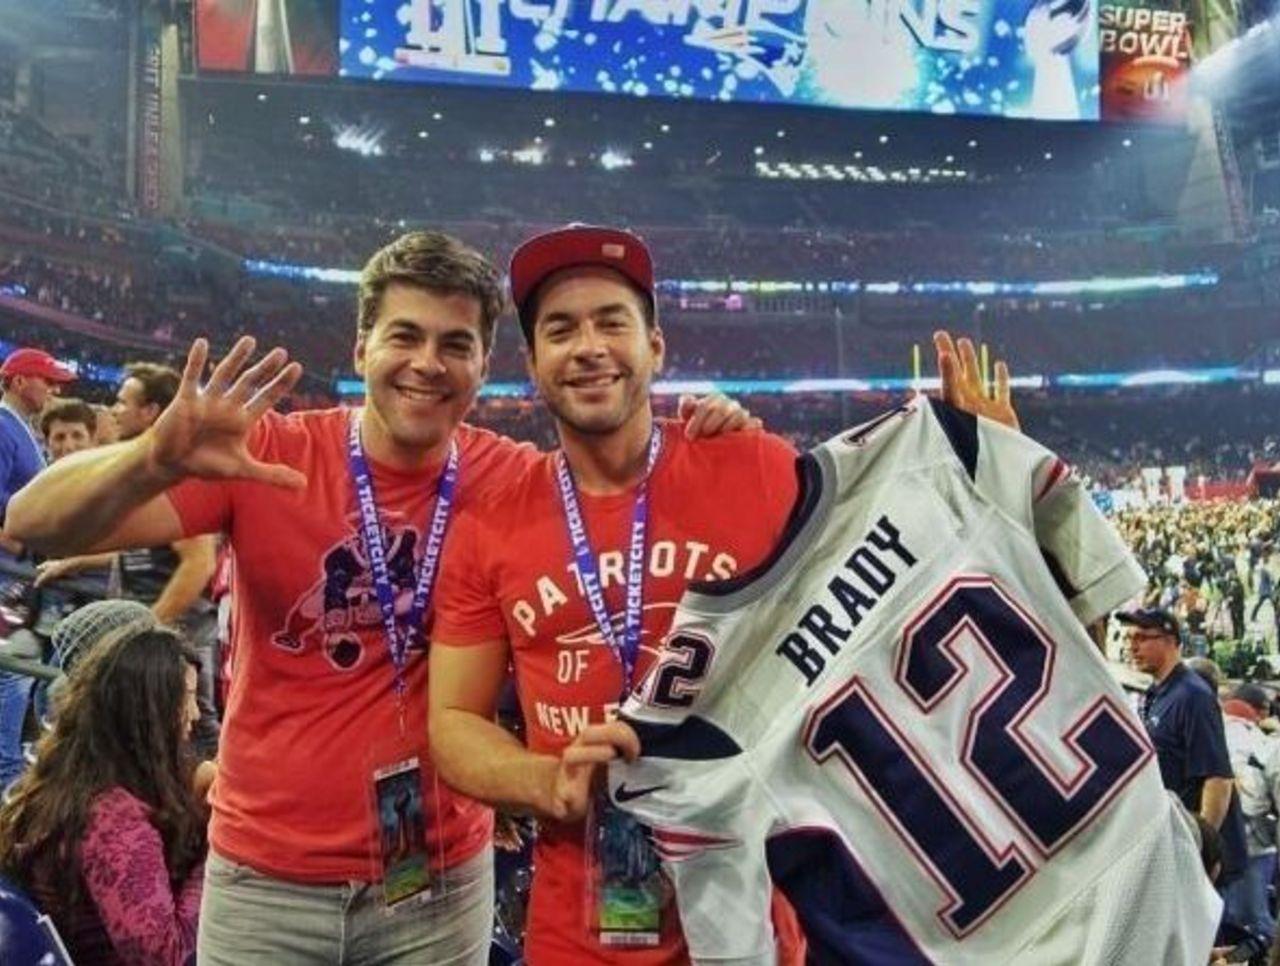 Fan claims he stole Brady's jersey in Instagram post